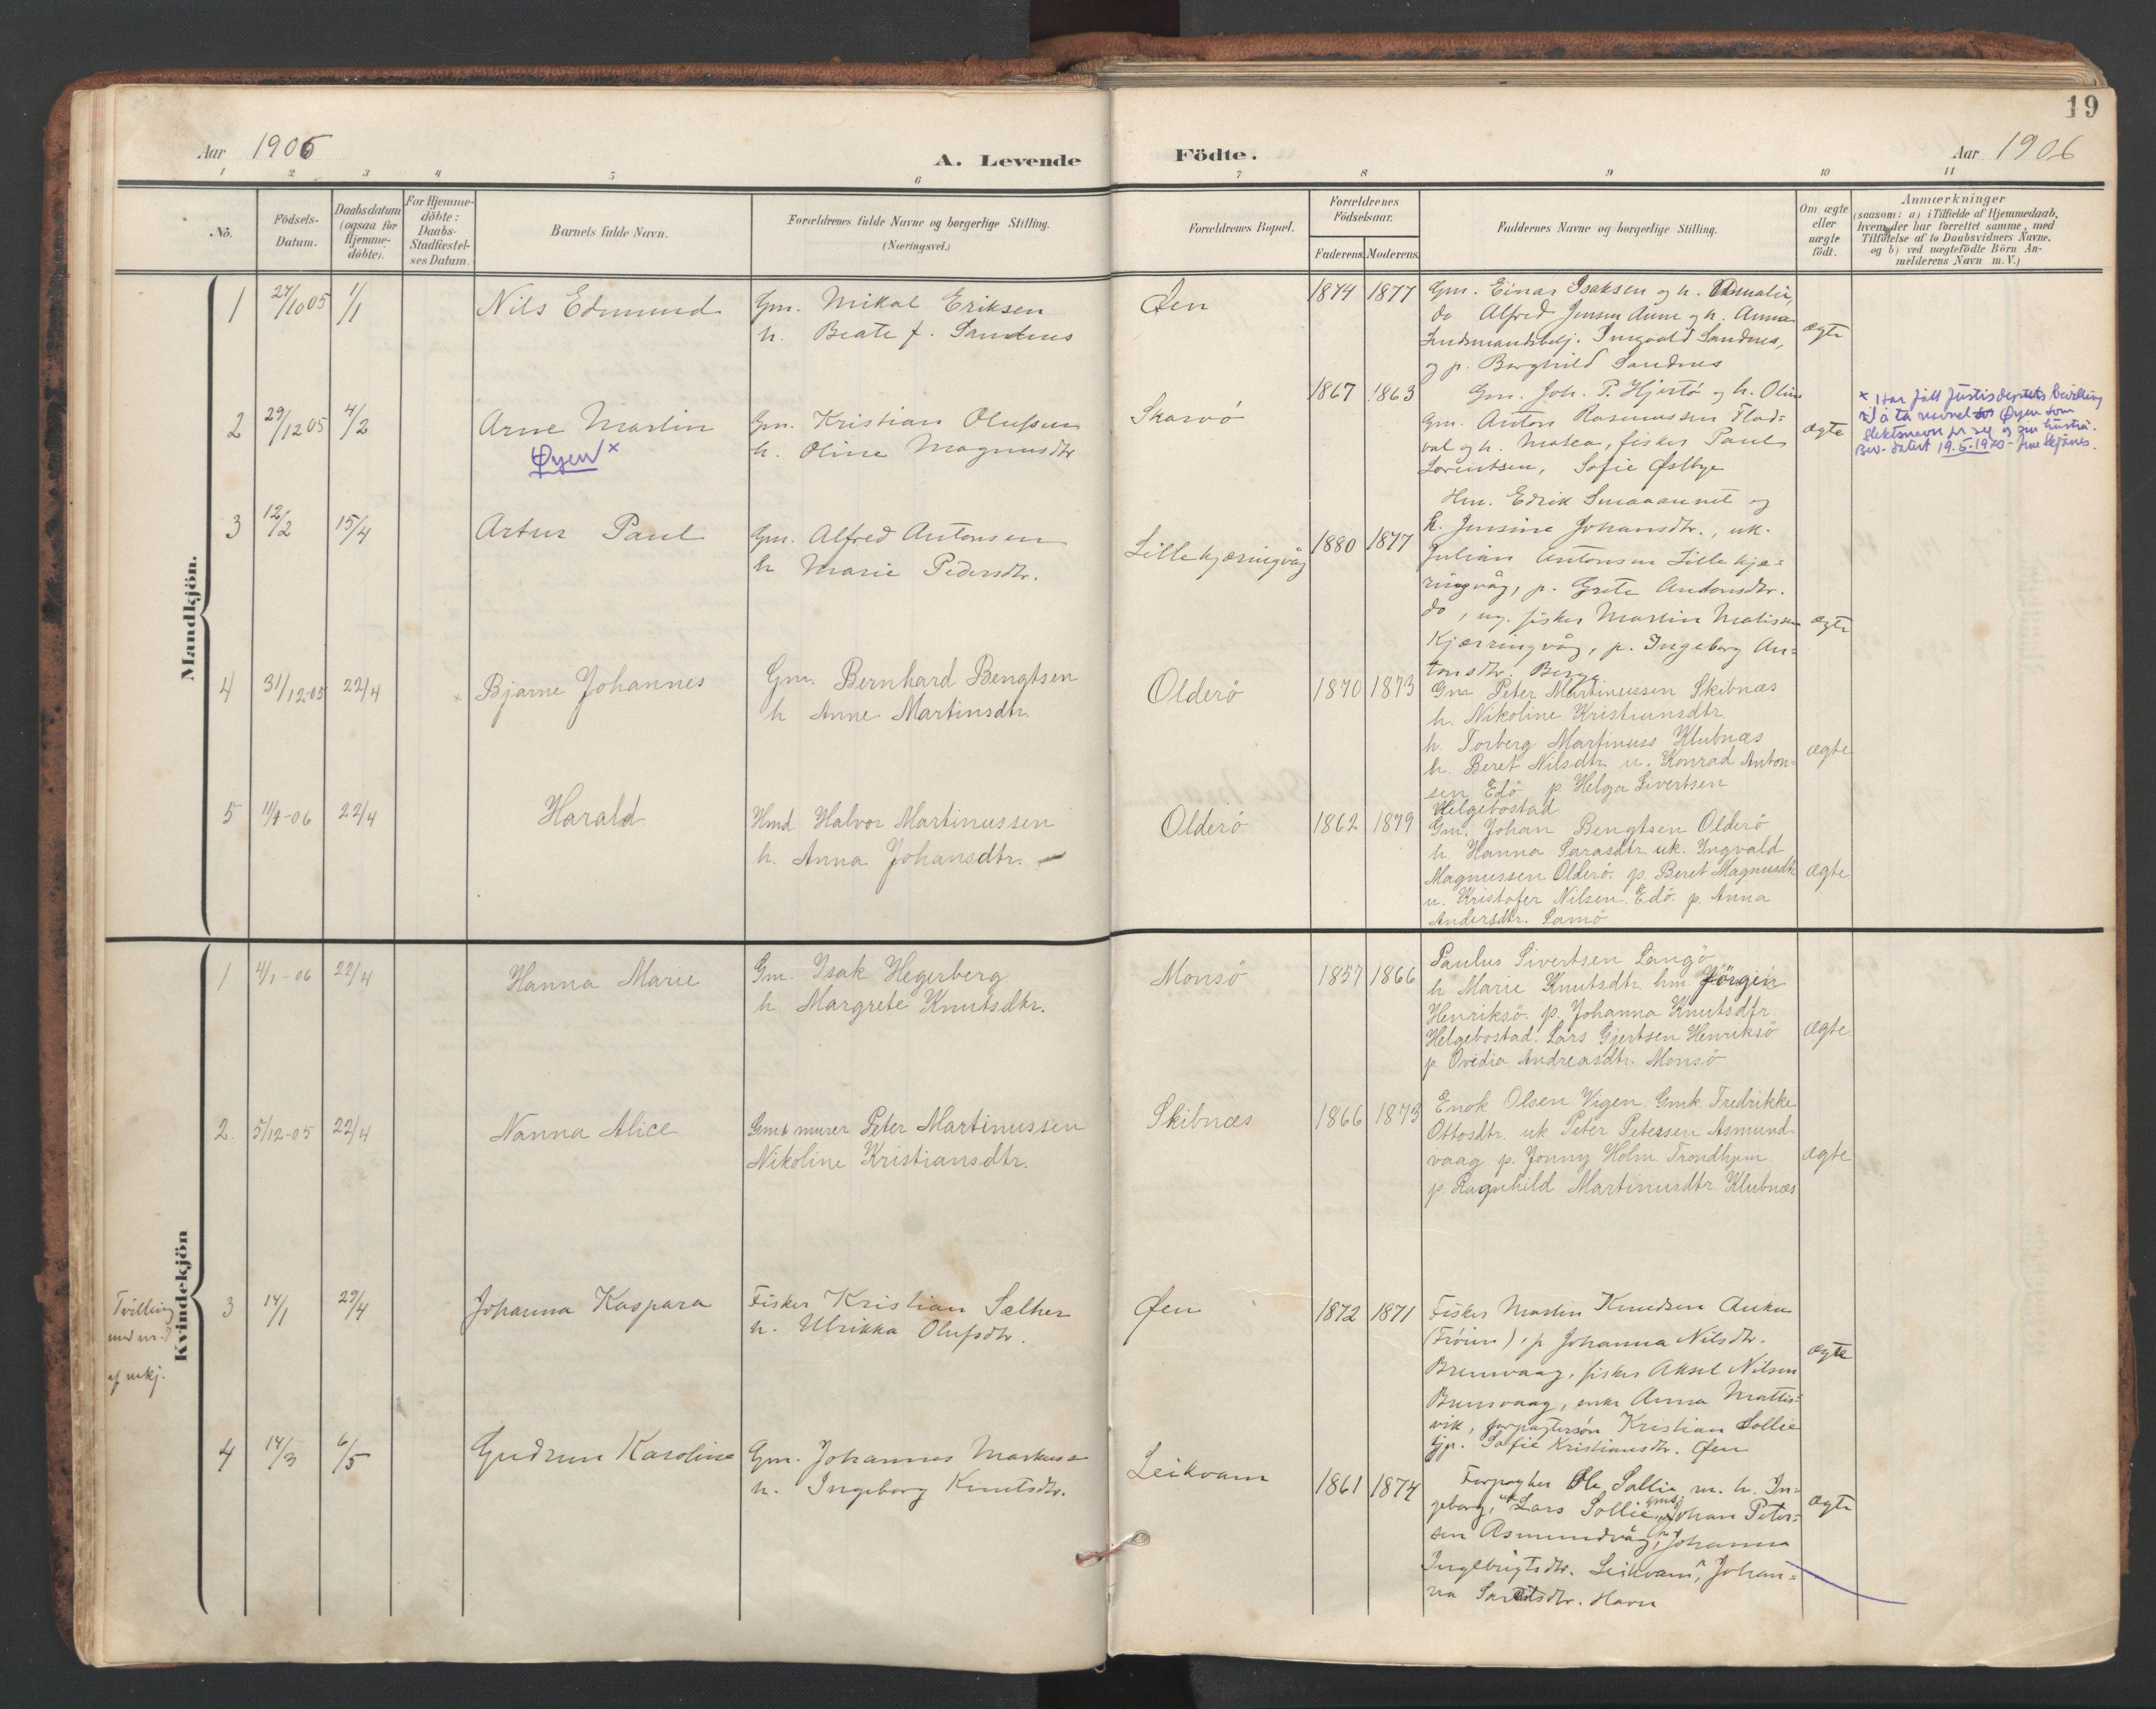 SAT, Ministerialprotokoller, klokkerbøker og fødselsregistre - Sør-Trøndelag, 634/L0537: Ministerialbok nr. 634A13, 1896-1922, s. 19